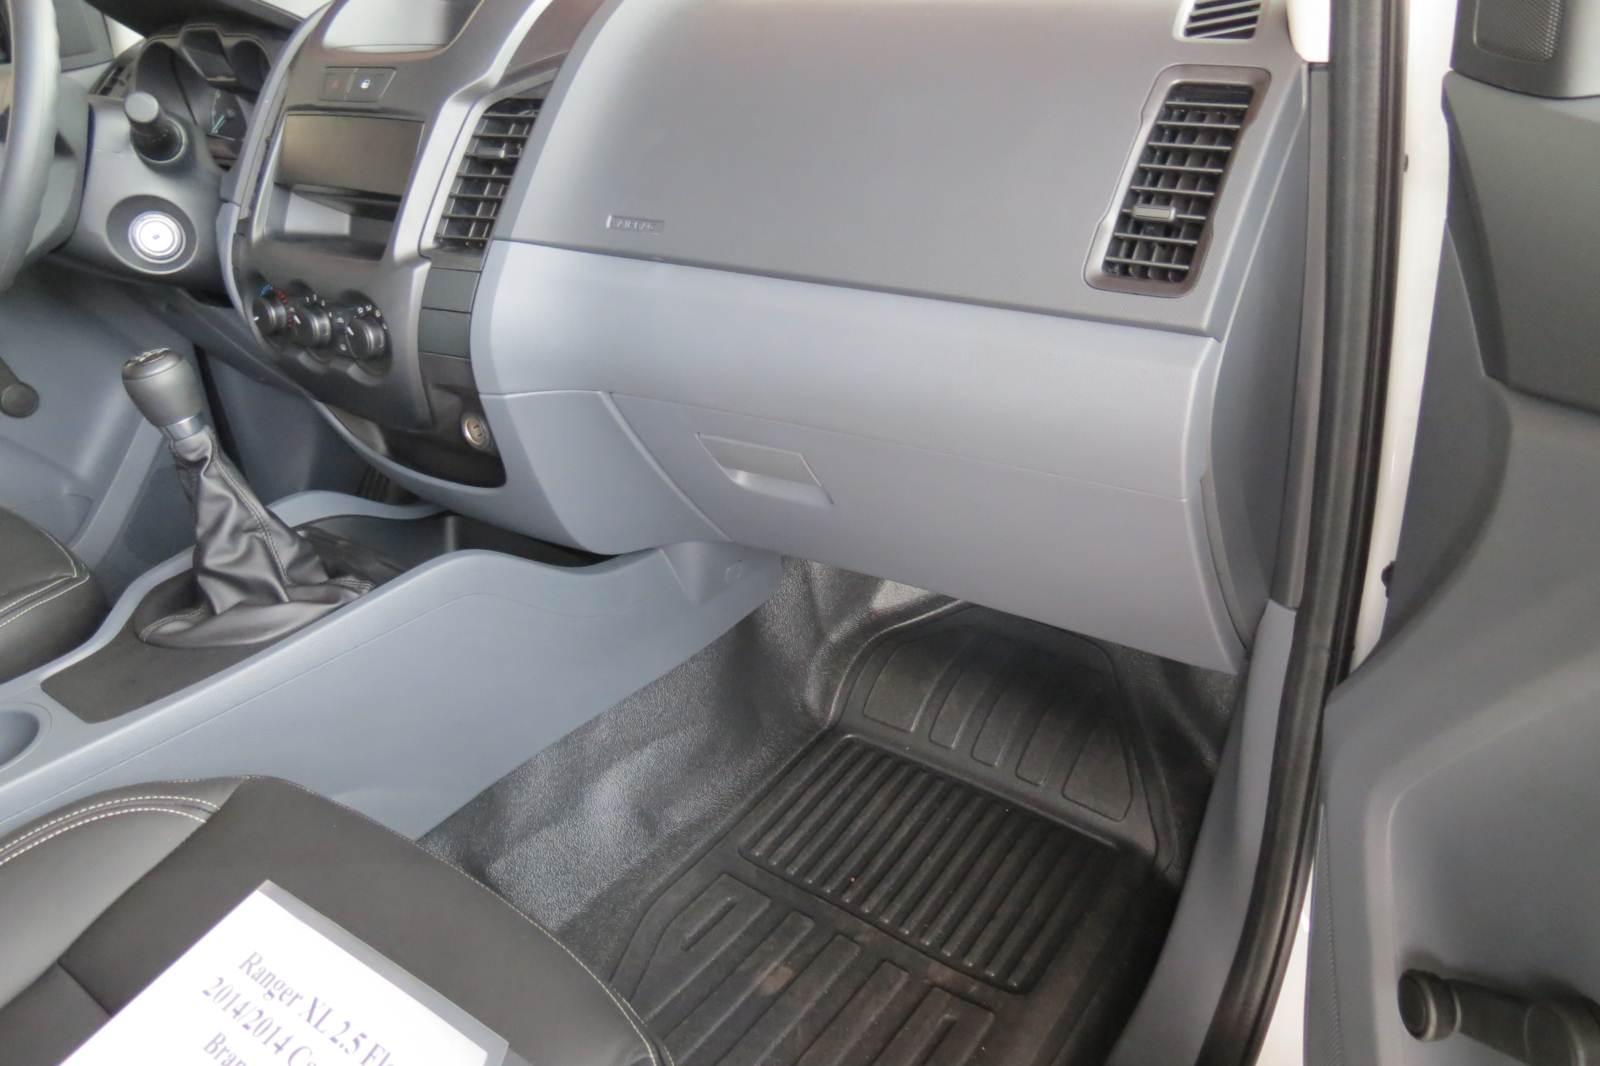 Ford Ranger XL 2.5 Flex Cabine Dupla - interior